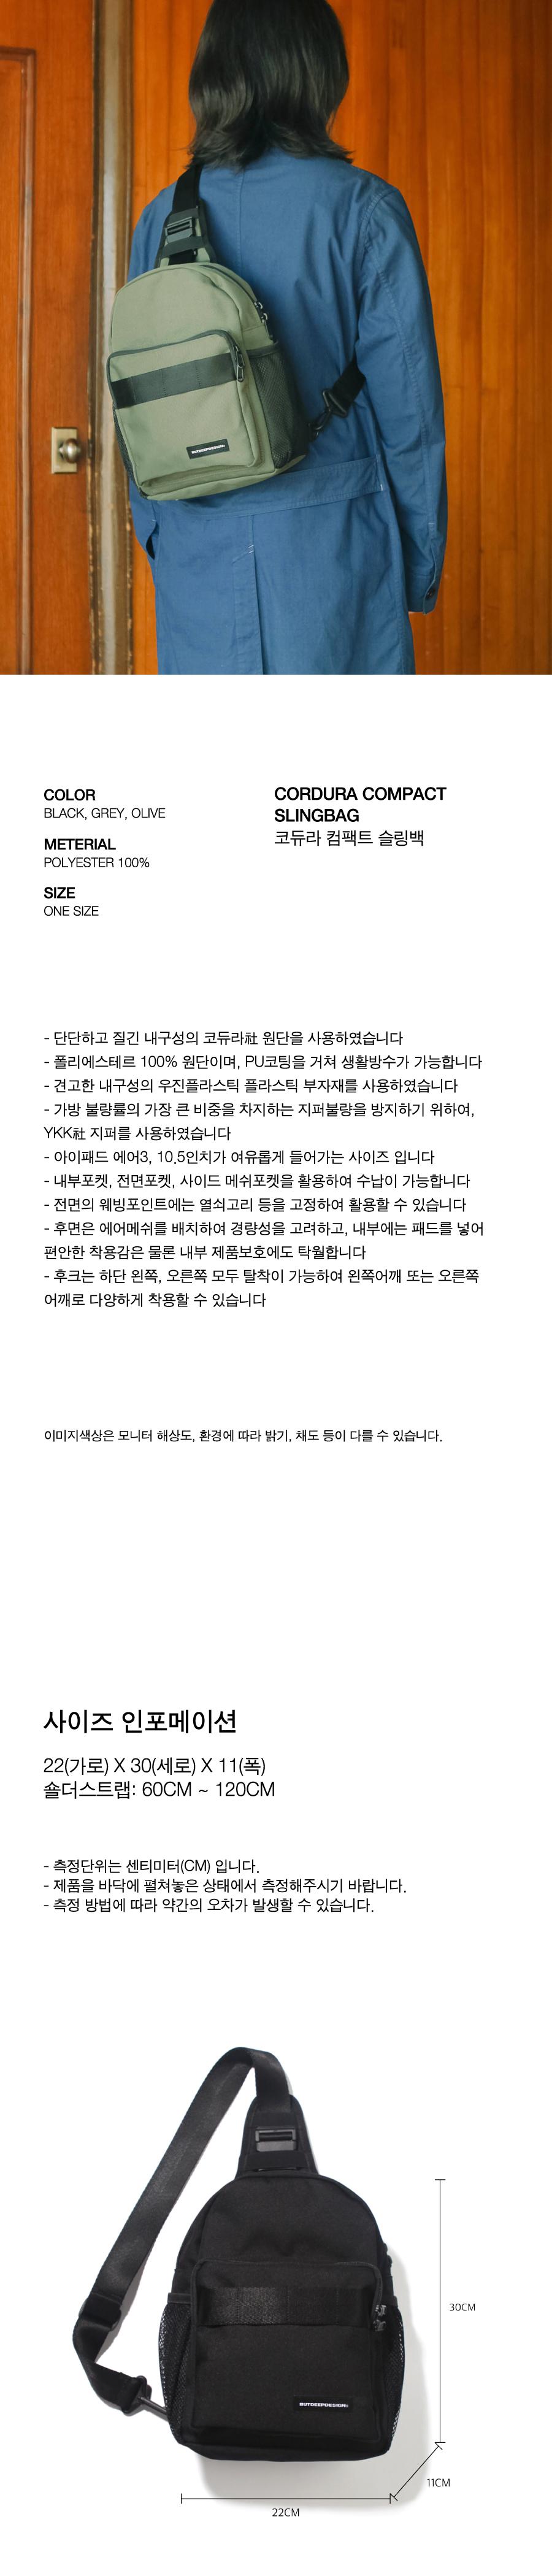 코듀라 컴팩트 슬링백-올리브